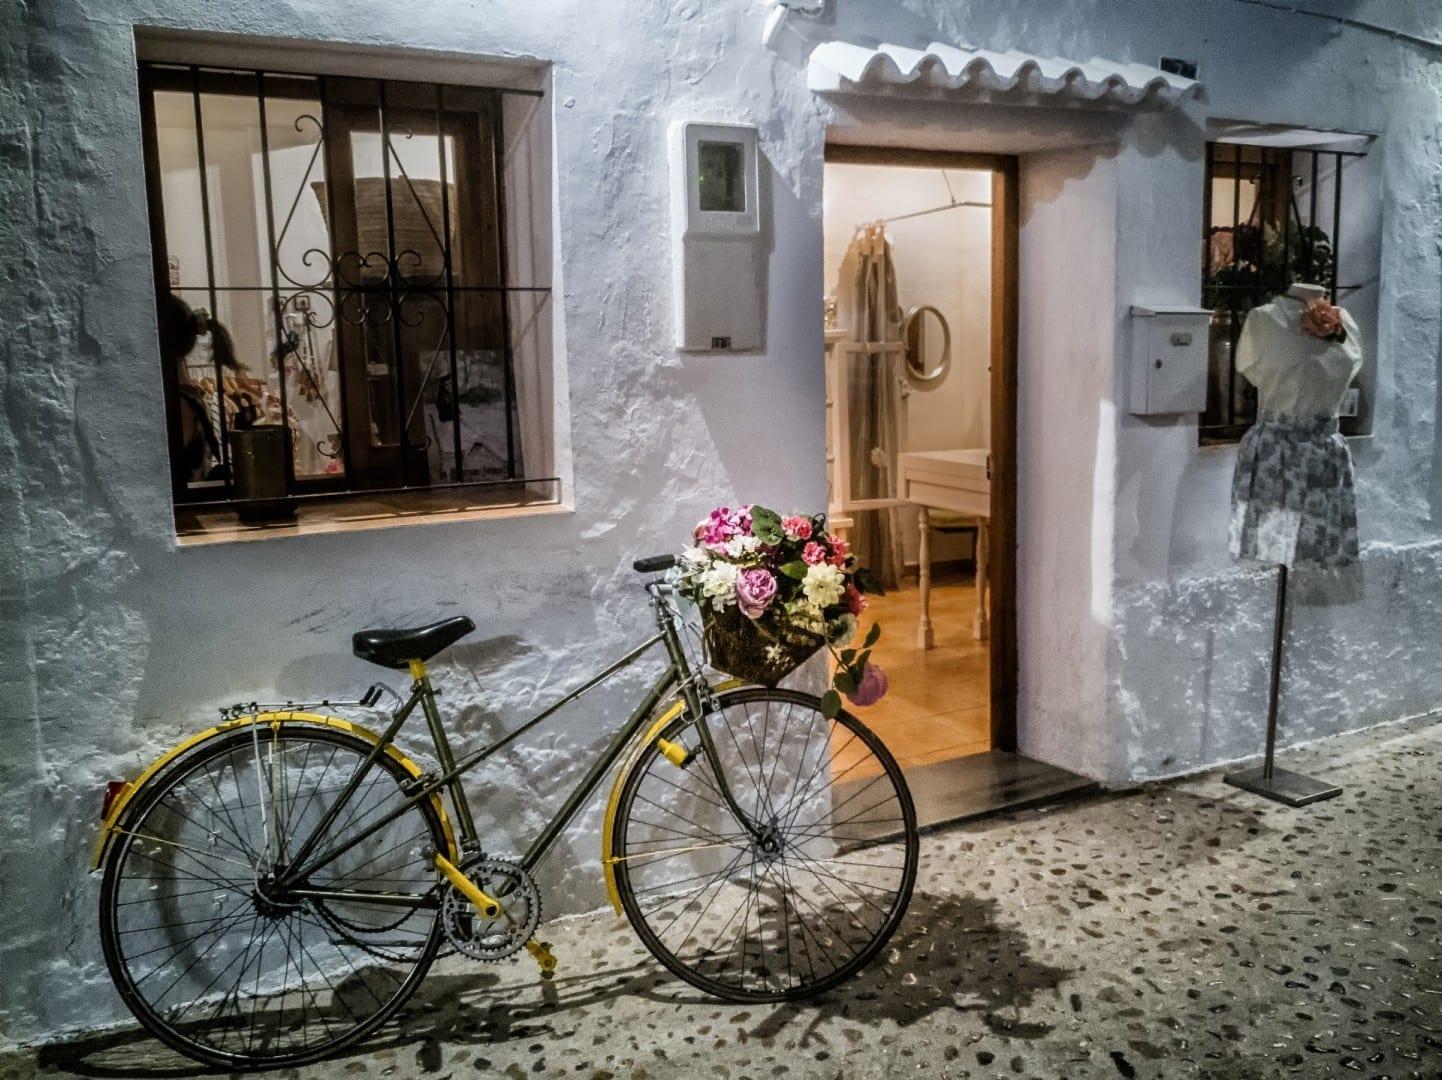 Tienda en el Casco Antiguo Altea España